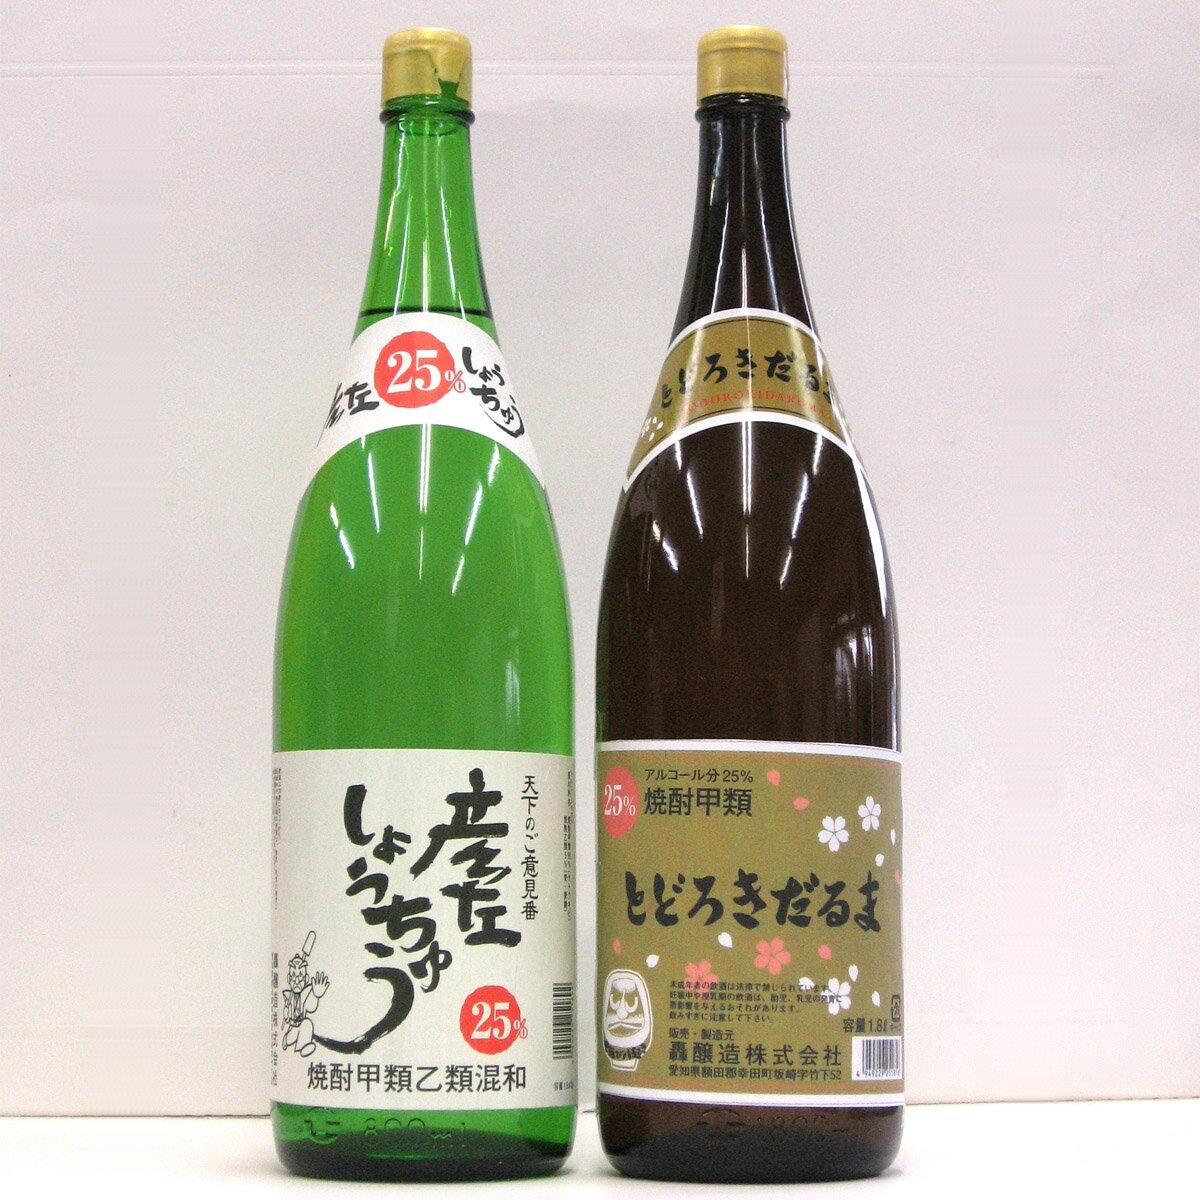 【ふるさと納税】焼酎飲み比べセット